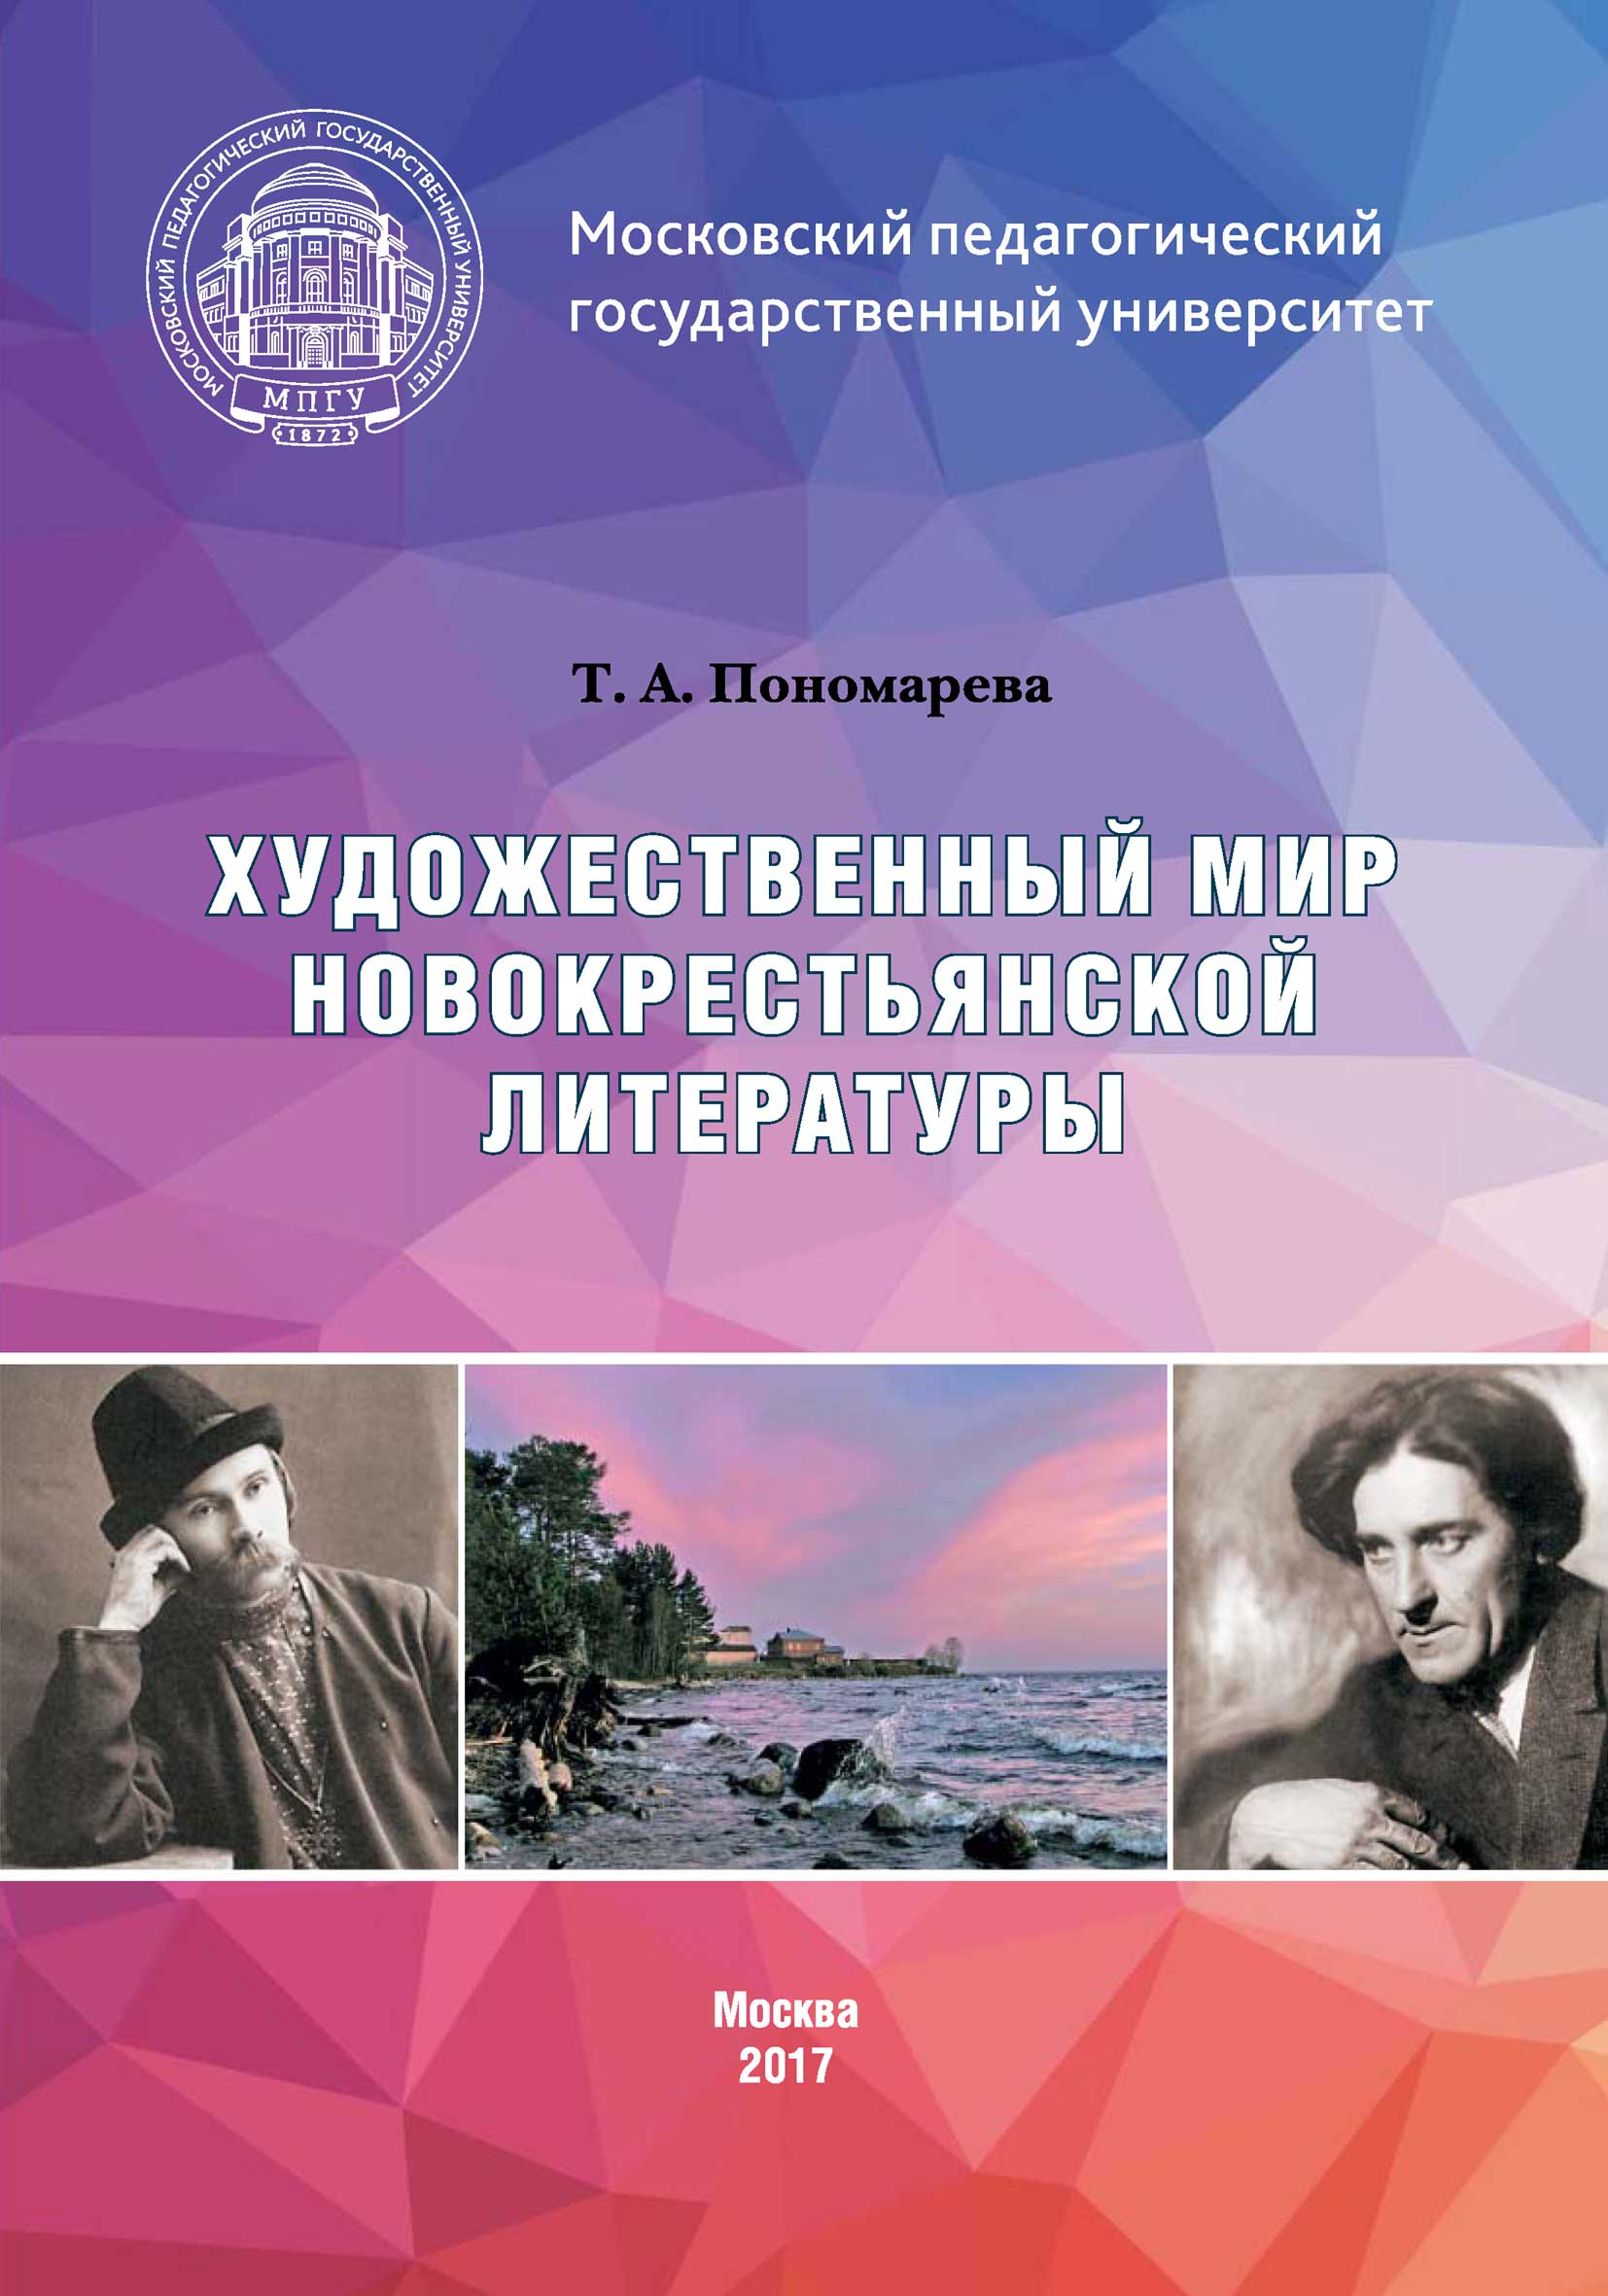 Татьяна Александровна Пономарева Художественный мир новокрестьянской литературы